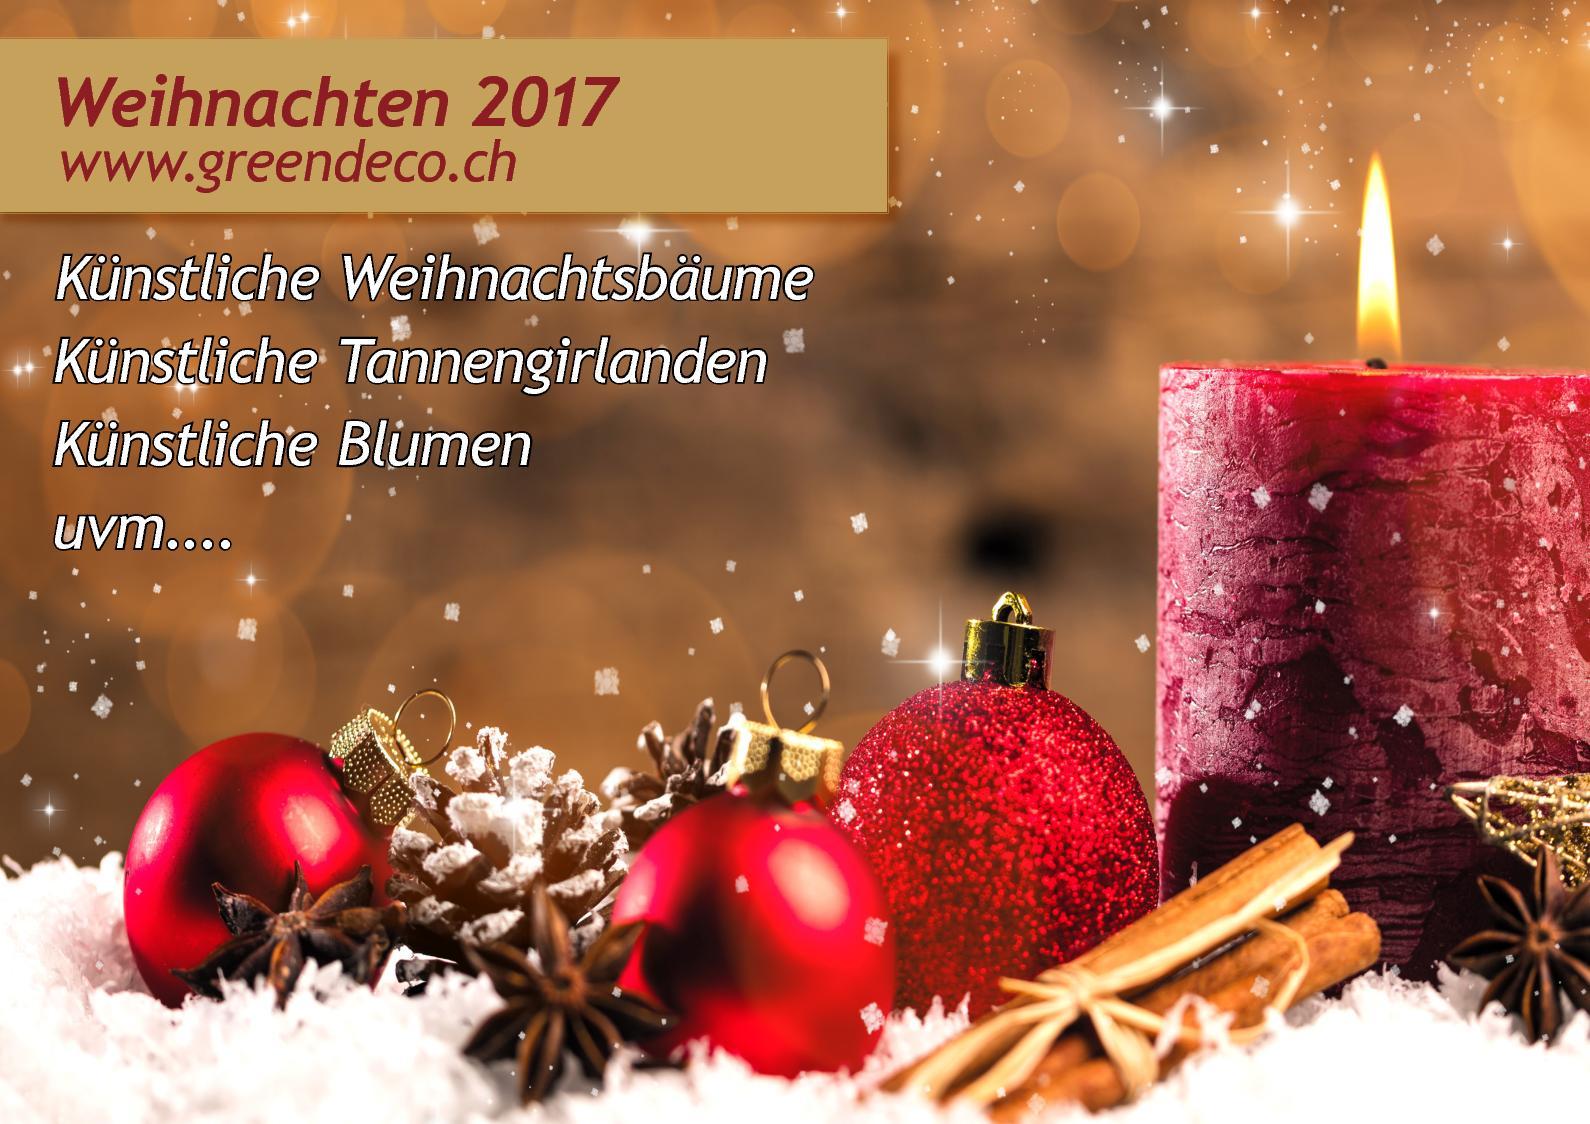 Weihnachtsdeko Deko Tannengirlande Nordmann 180cm Künstliche Girlande